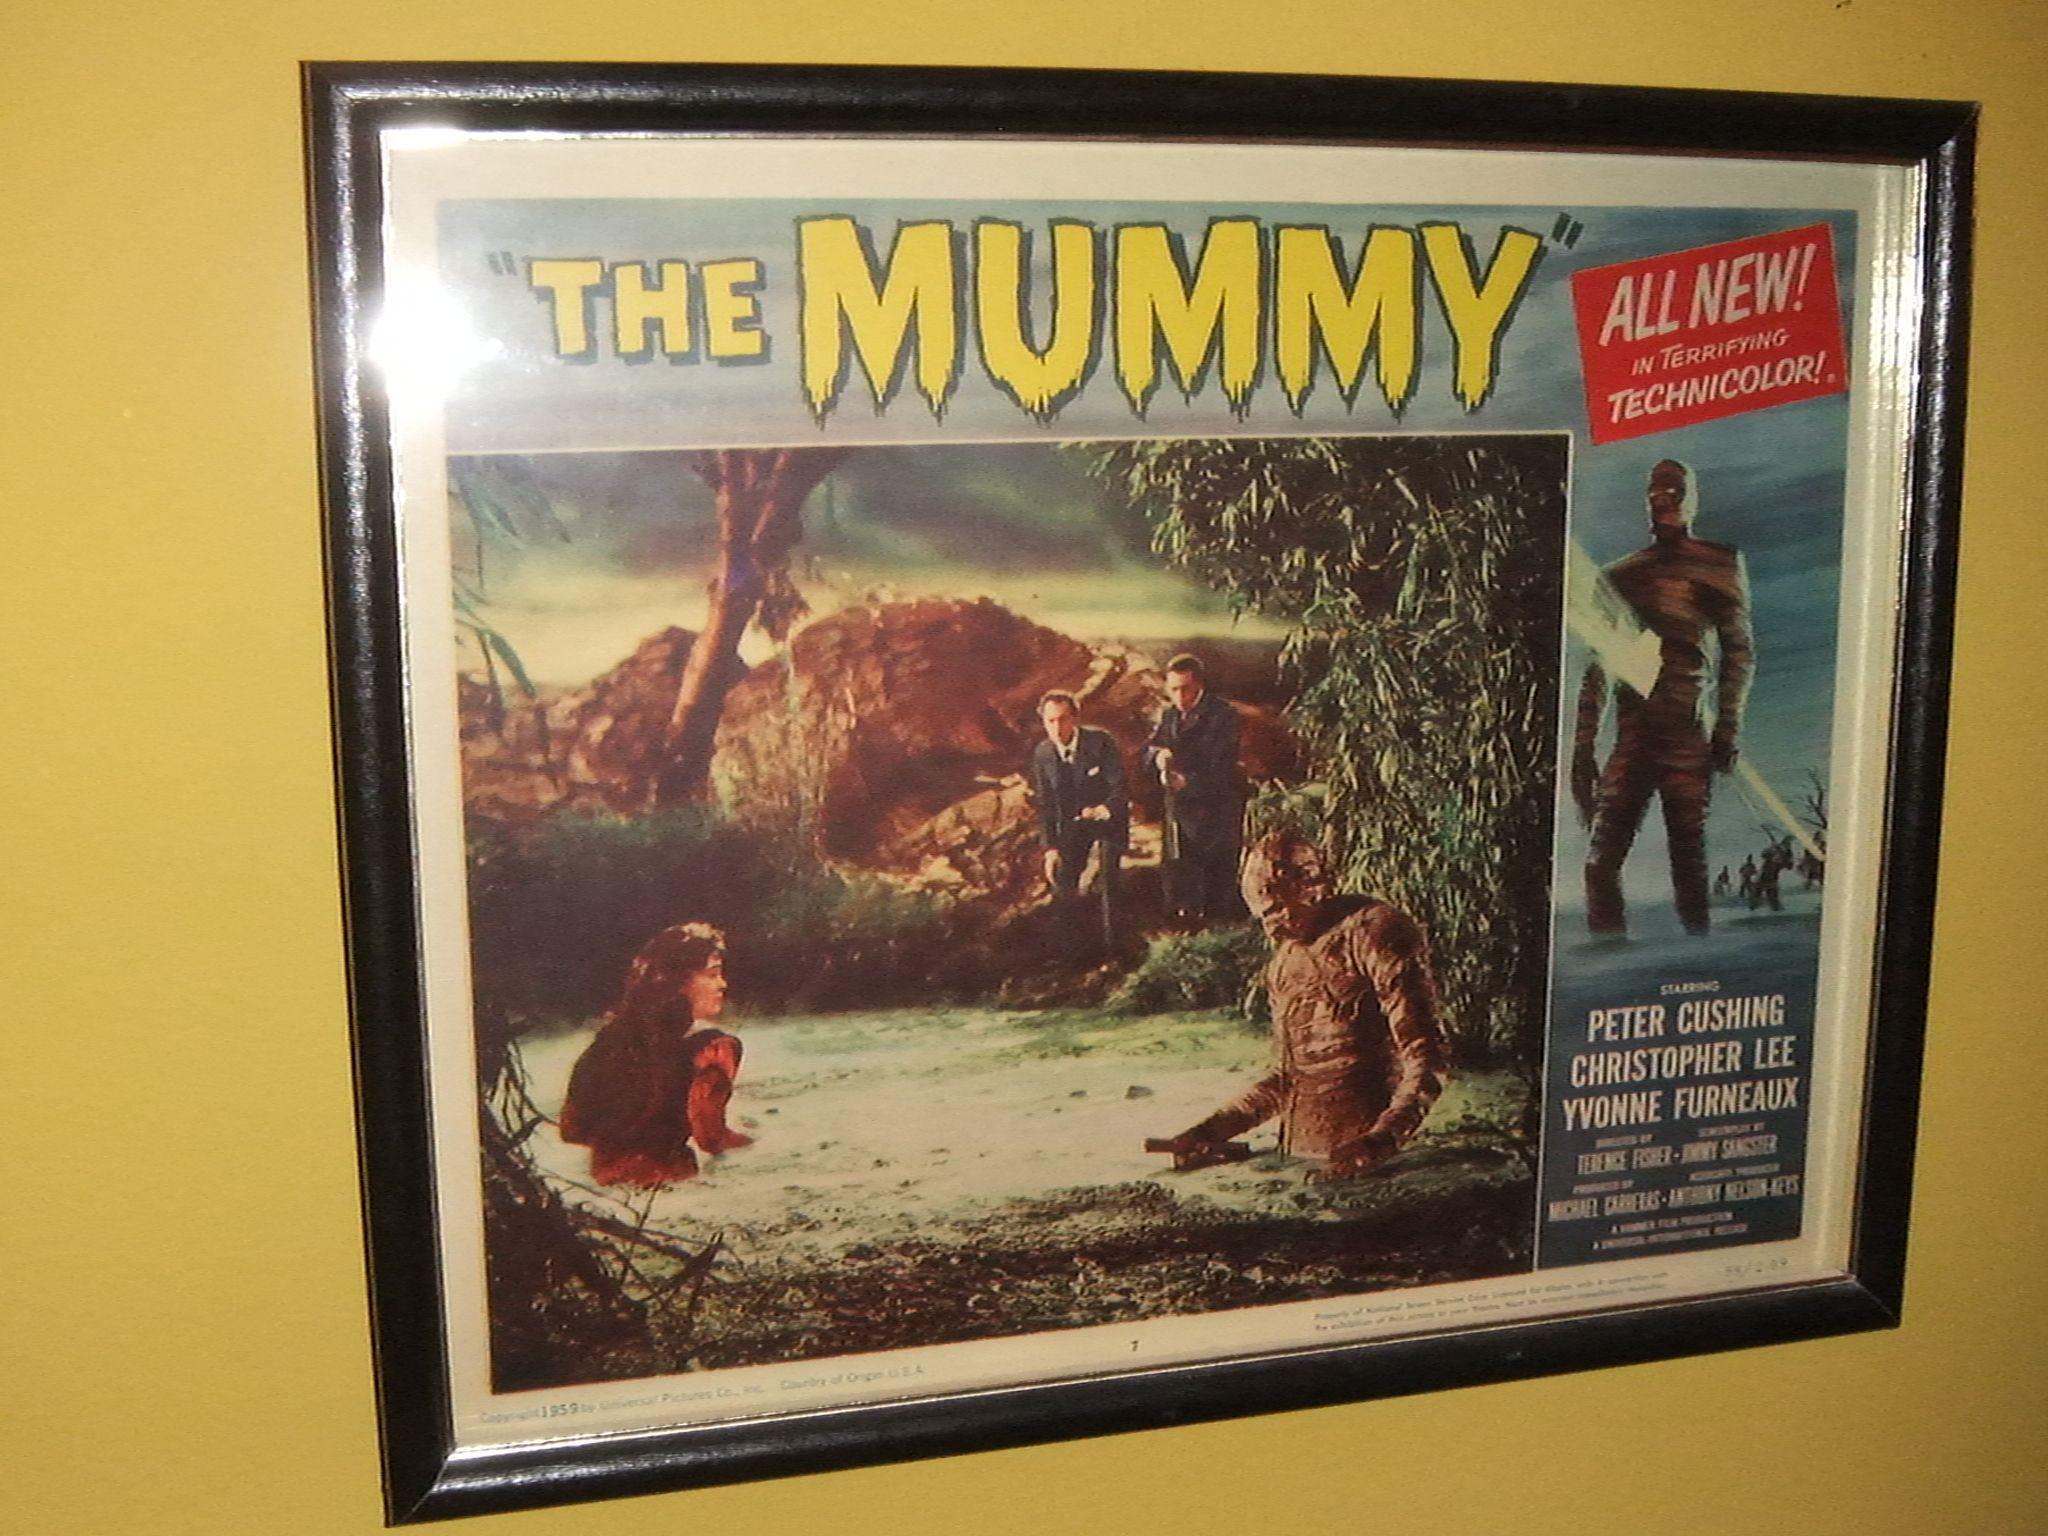 Hammer Films' THE MUMMY lobby card.